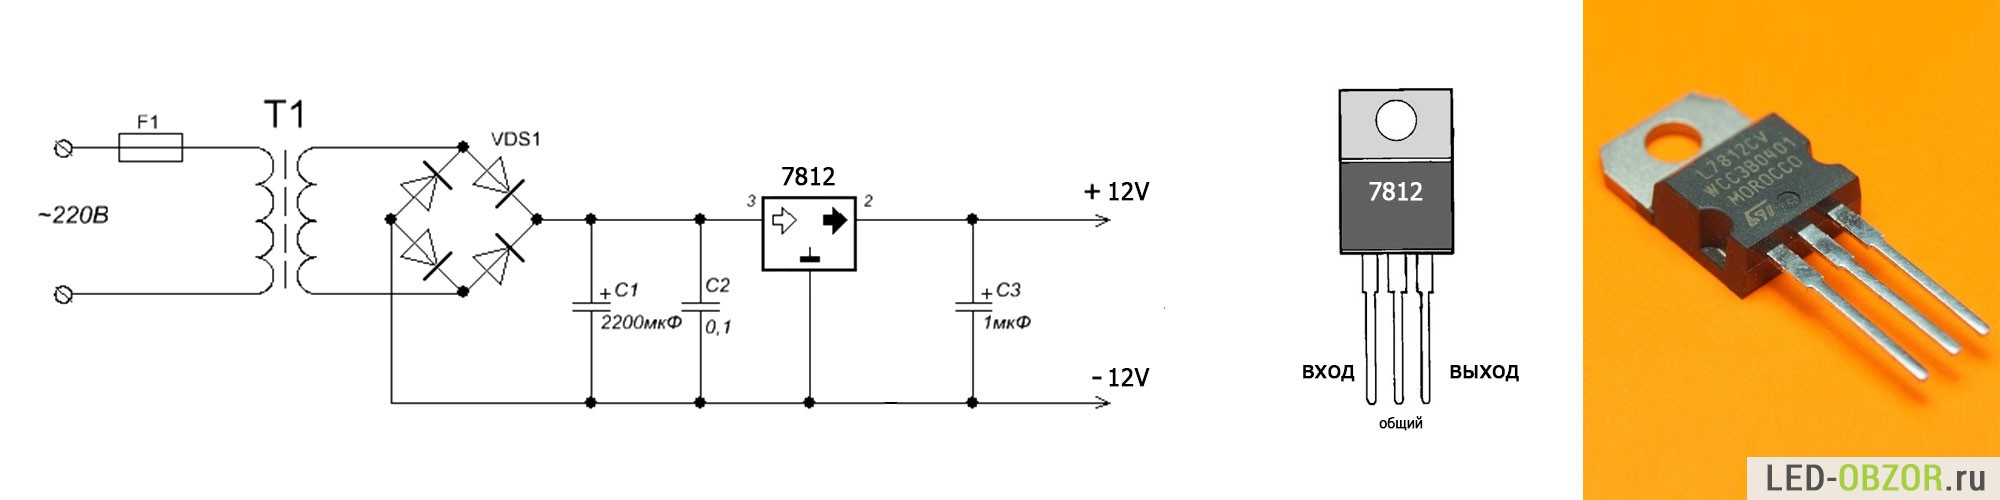 Диммер для светодиодной ленты схема фото 436